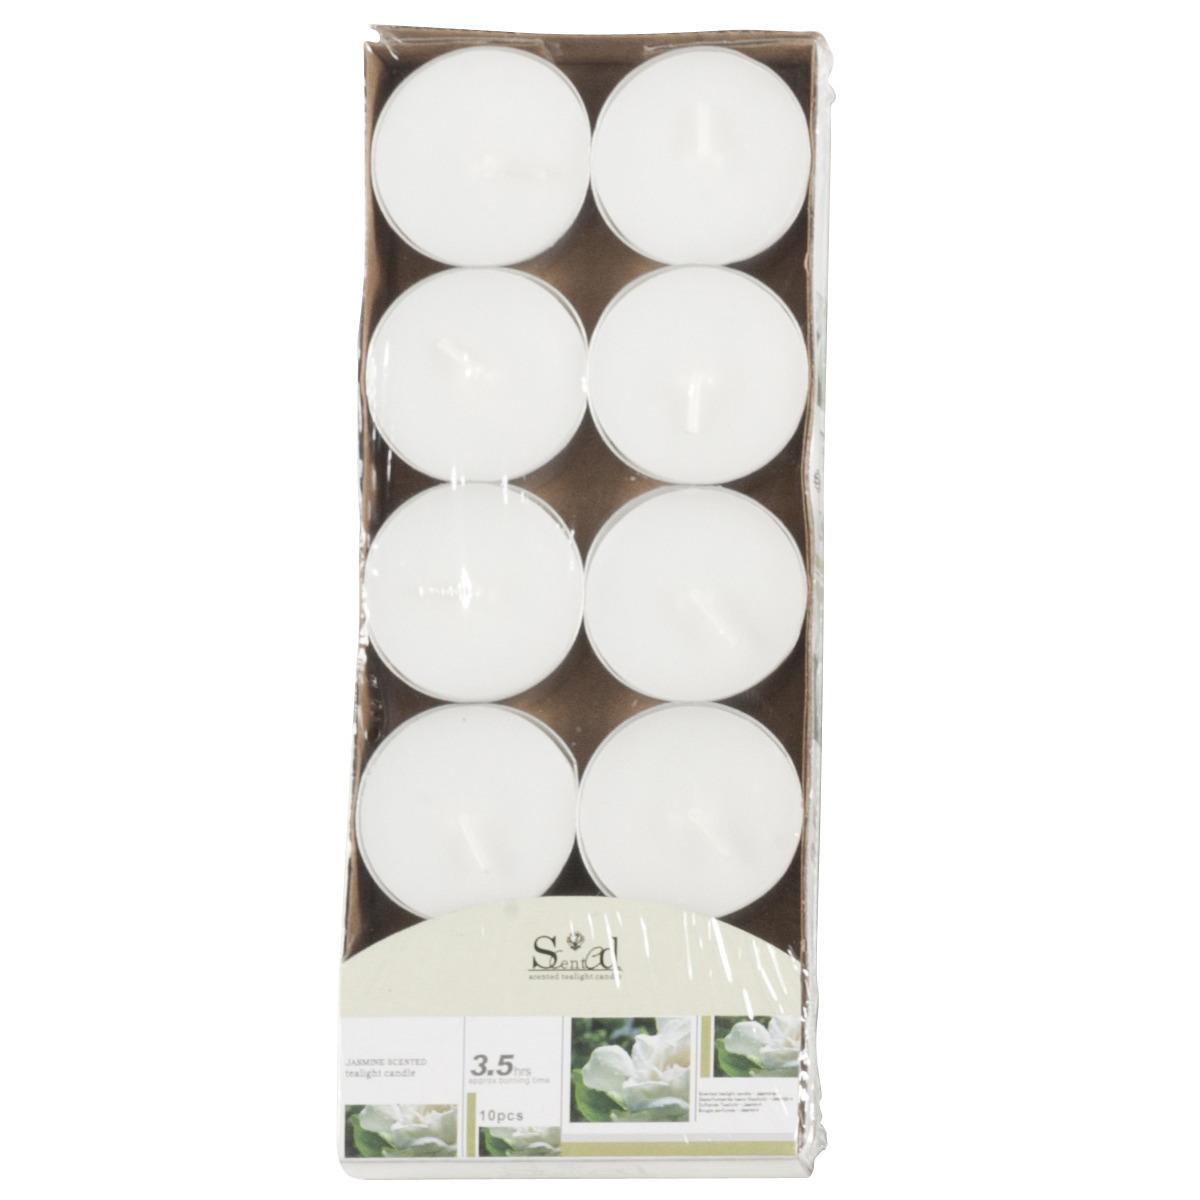 Geurkaarsjes jasmijn wit 10 stuks Geen gaafste producten